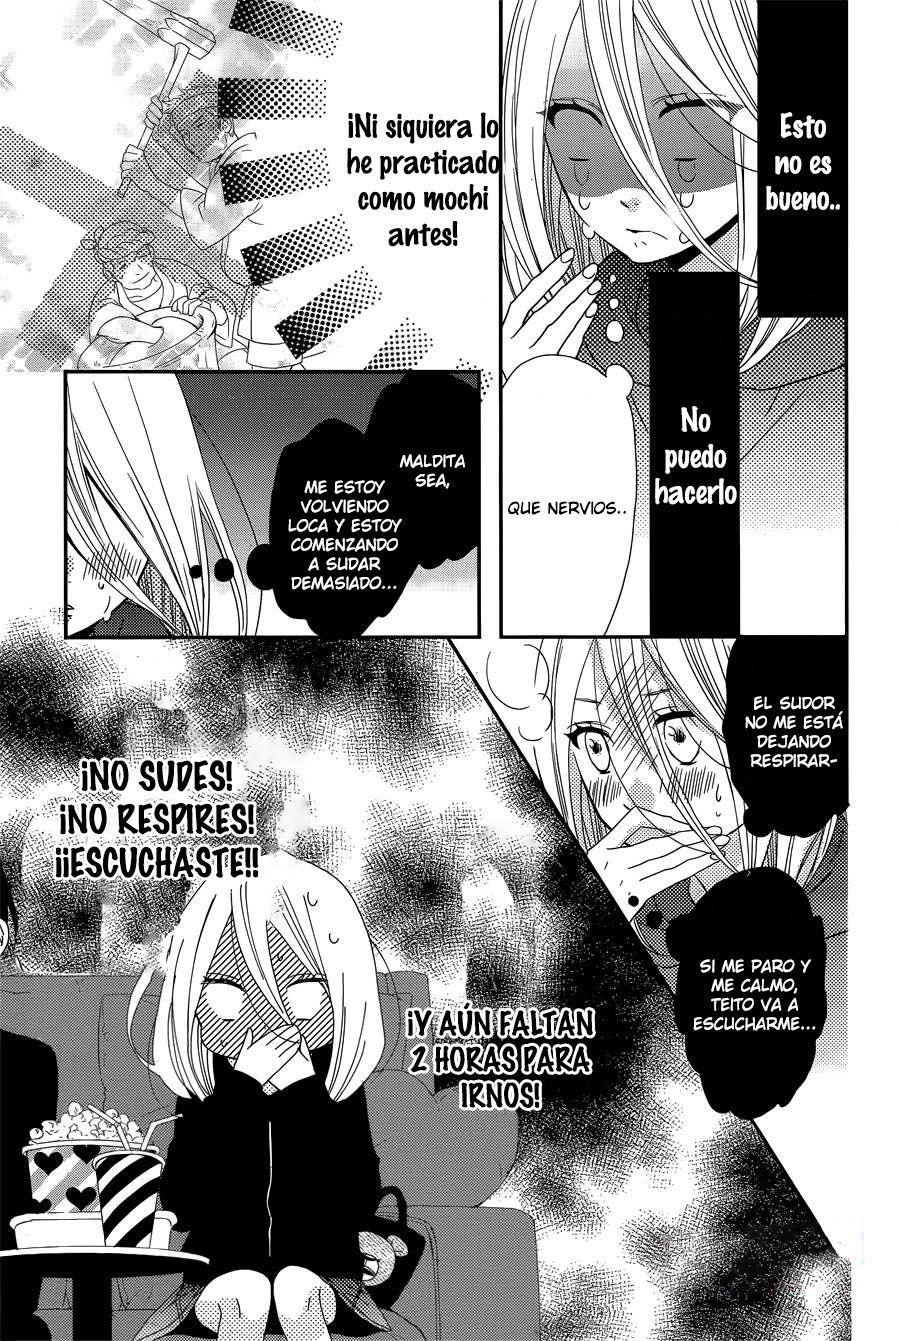 http://c5.ninemanga.com/es_manga/19/19347/473496/6964e9d5cd1aab8c7c72b12b77f2fd20.jpg Page 10